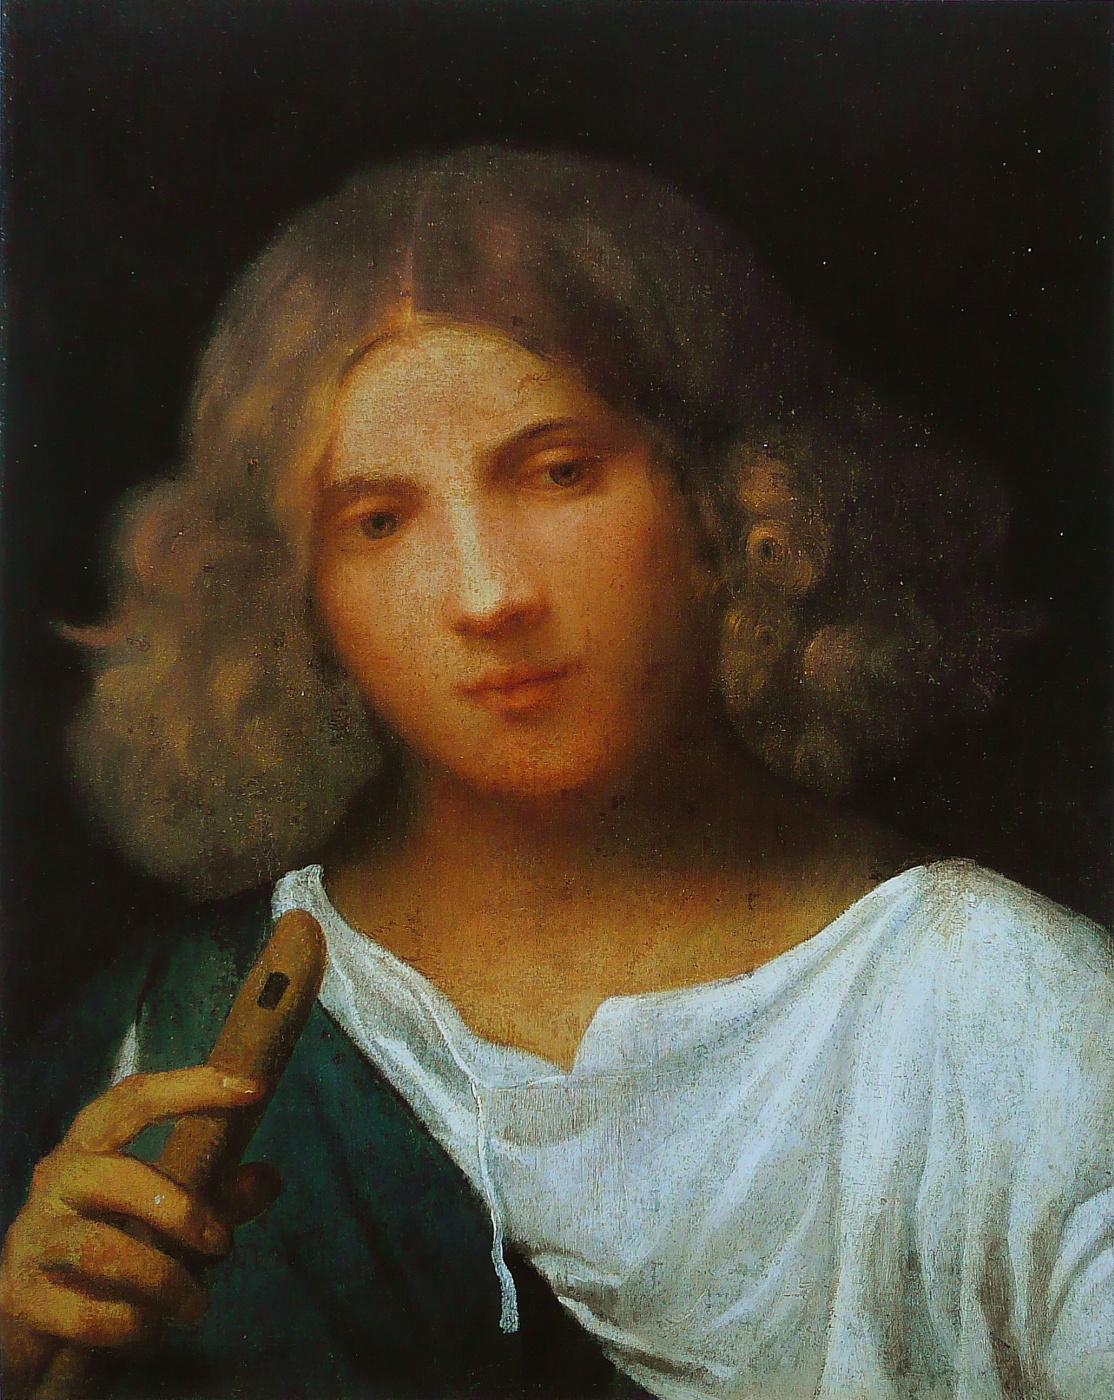 Giorgione. Boy with flute